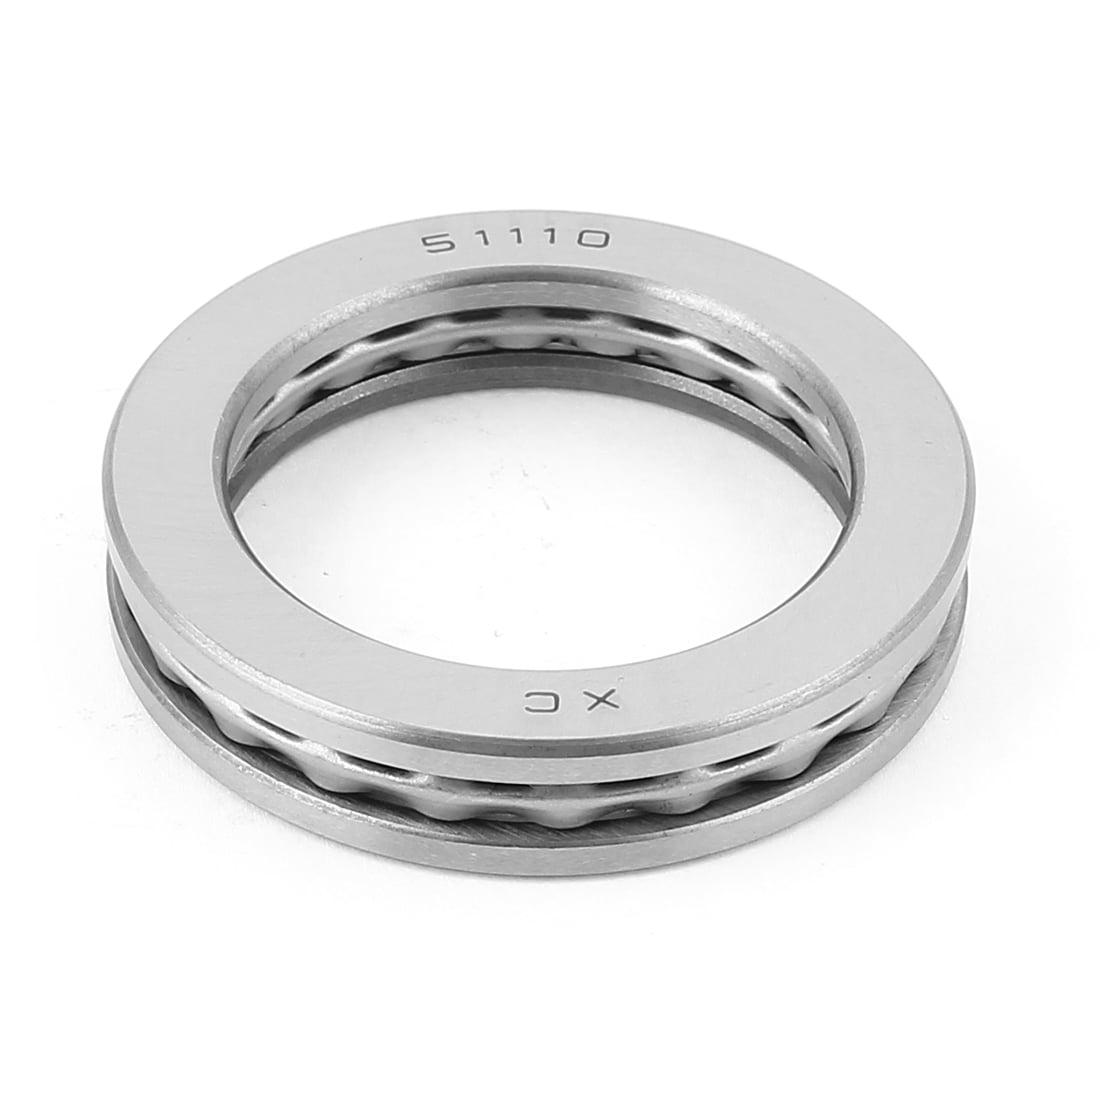 Unique Bargains 51110 Single Direction Thrust Ball Bearings 70x50x14mm - image 2 de 2